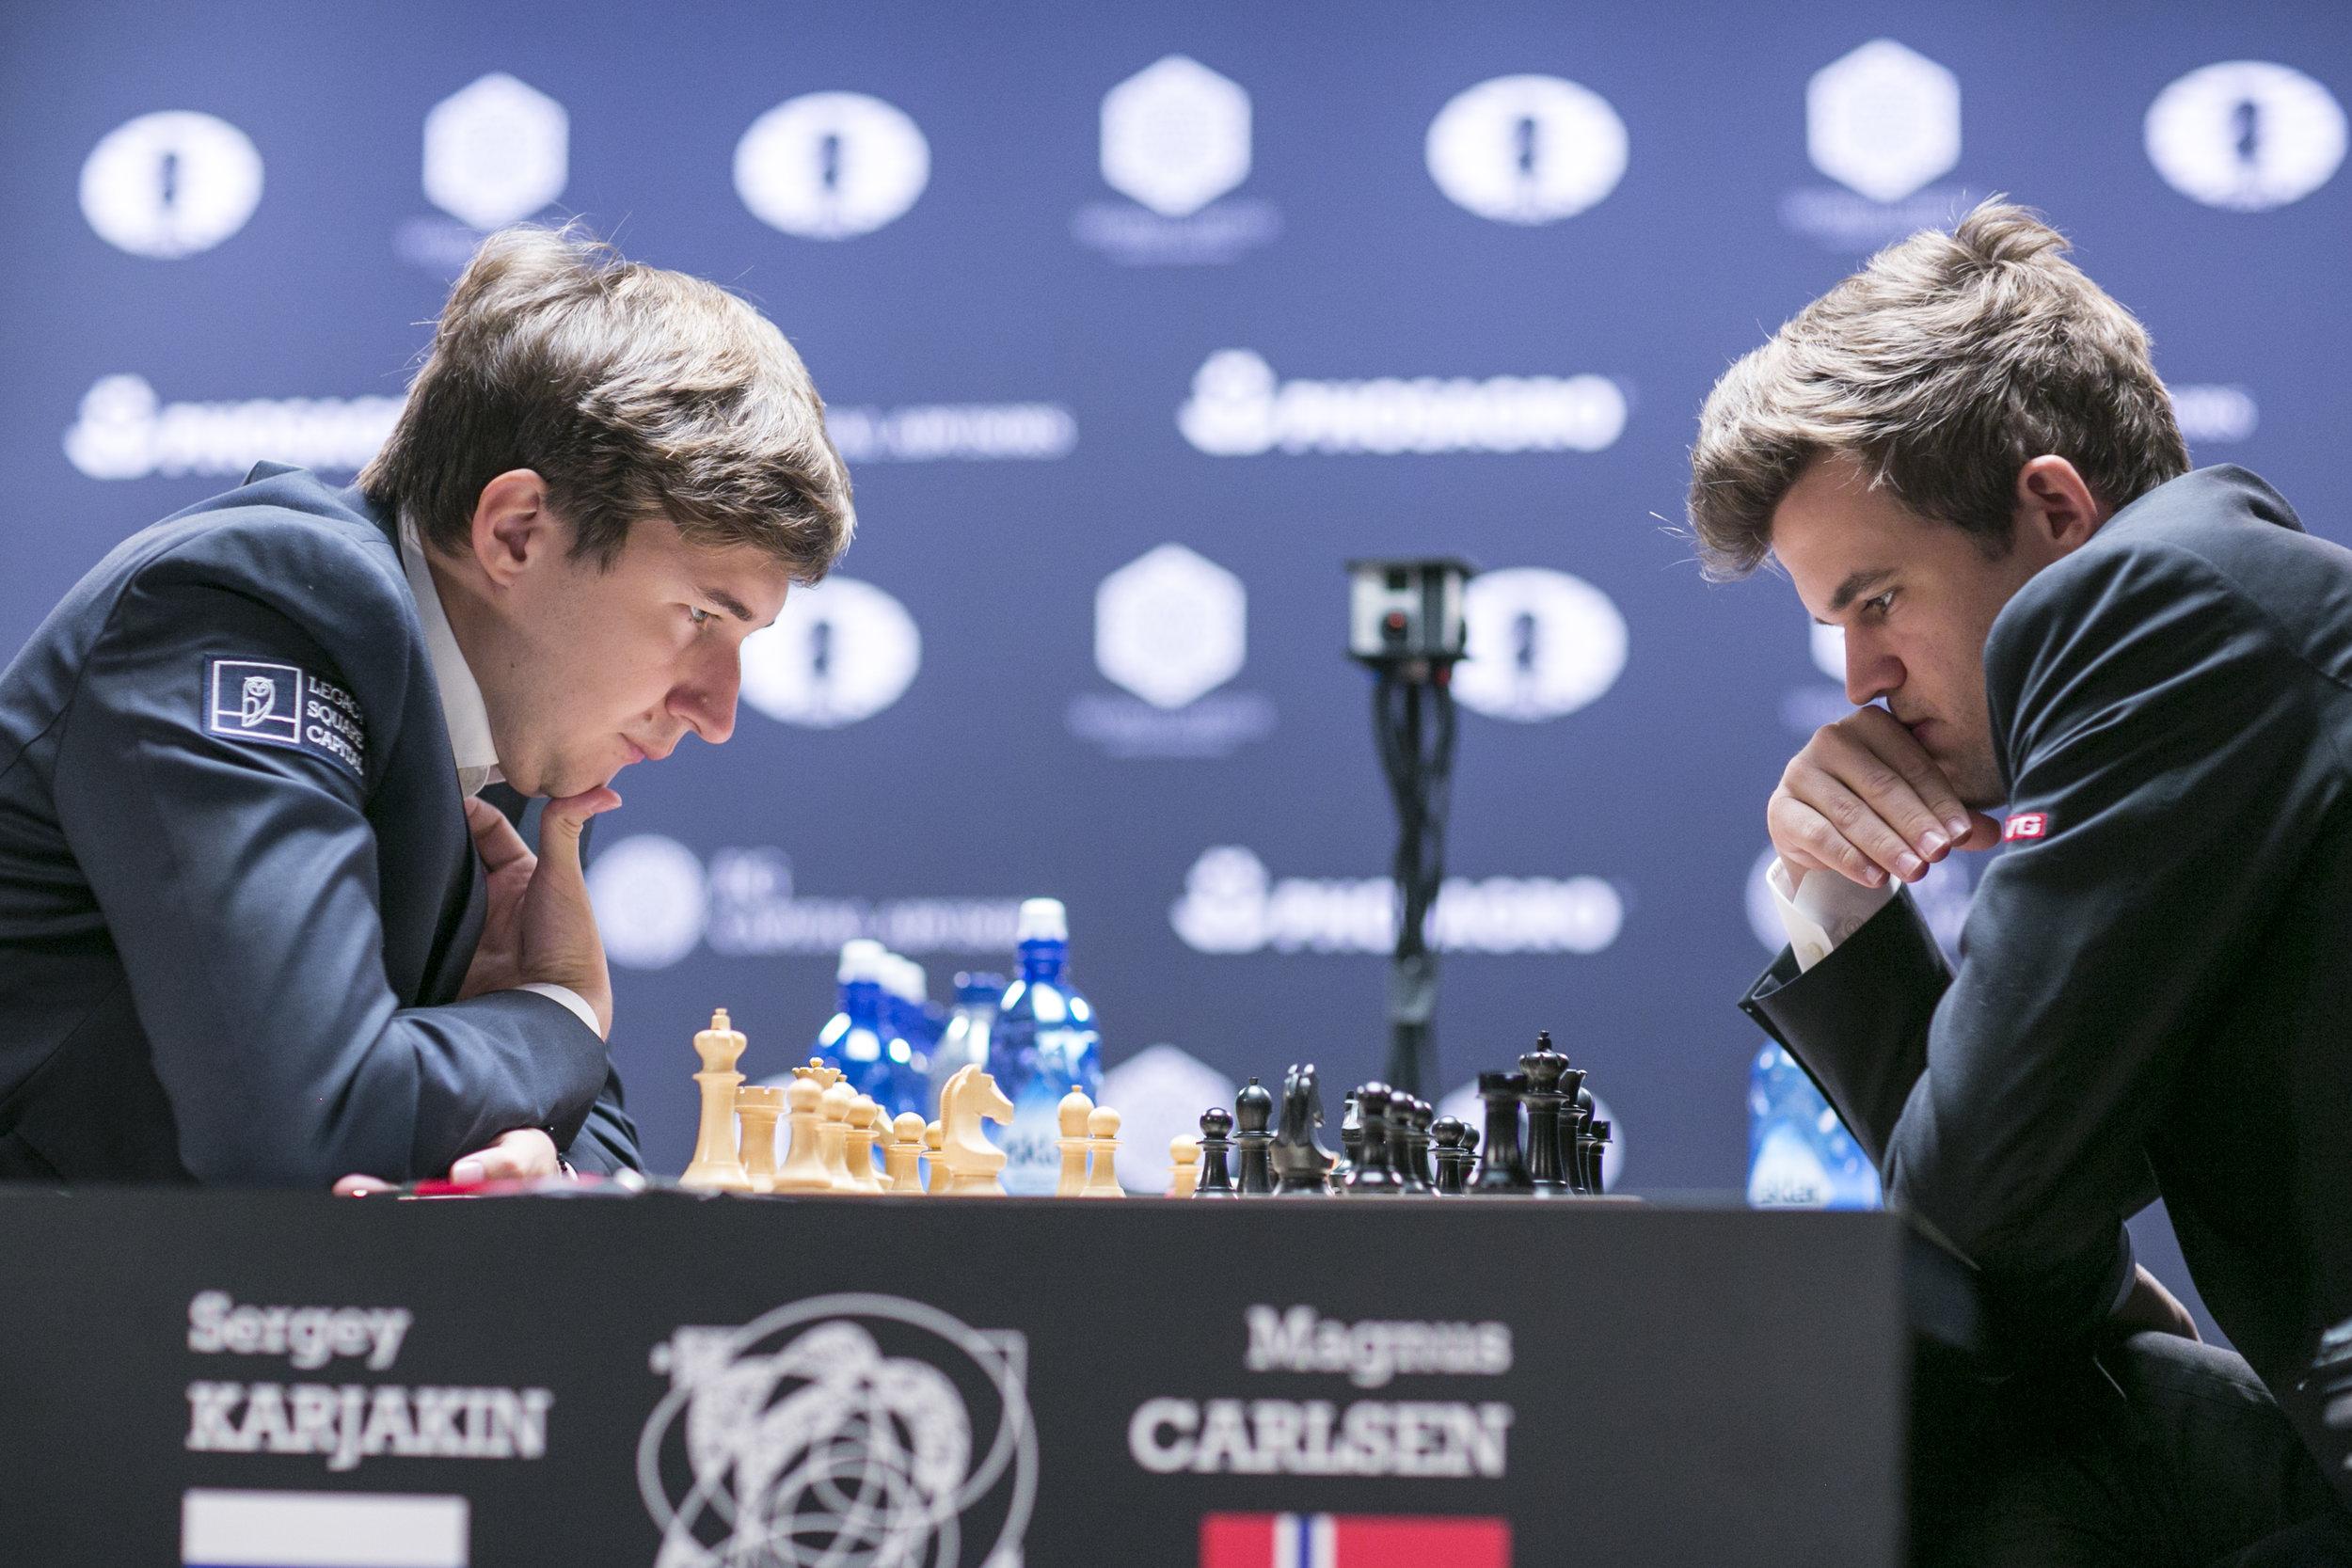 Karjakin Carlsen.jpg